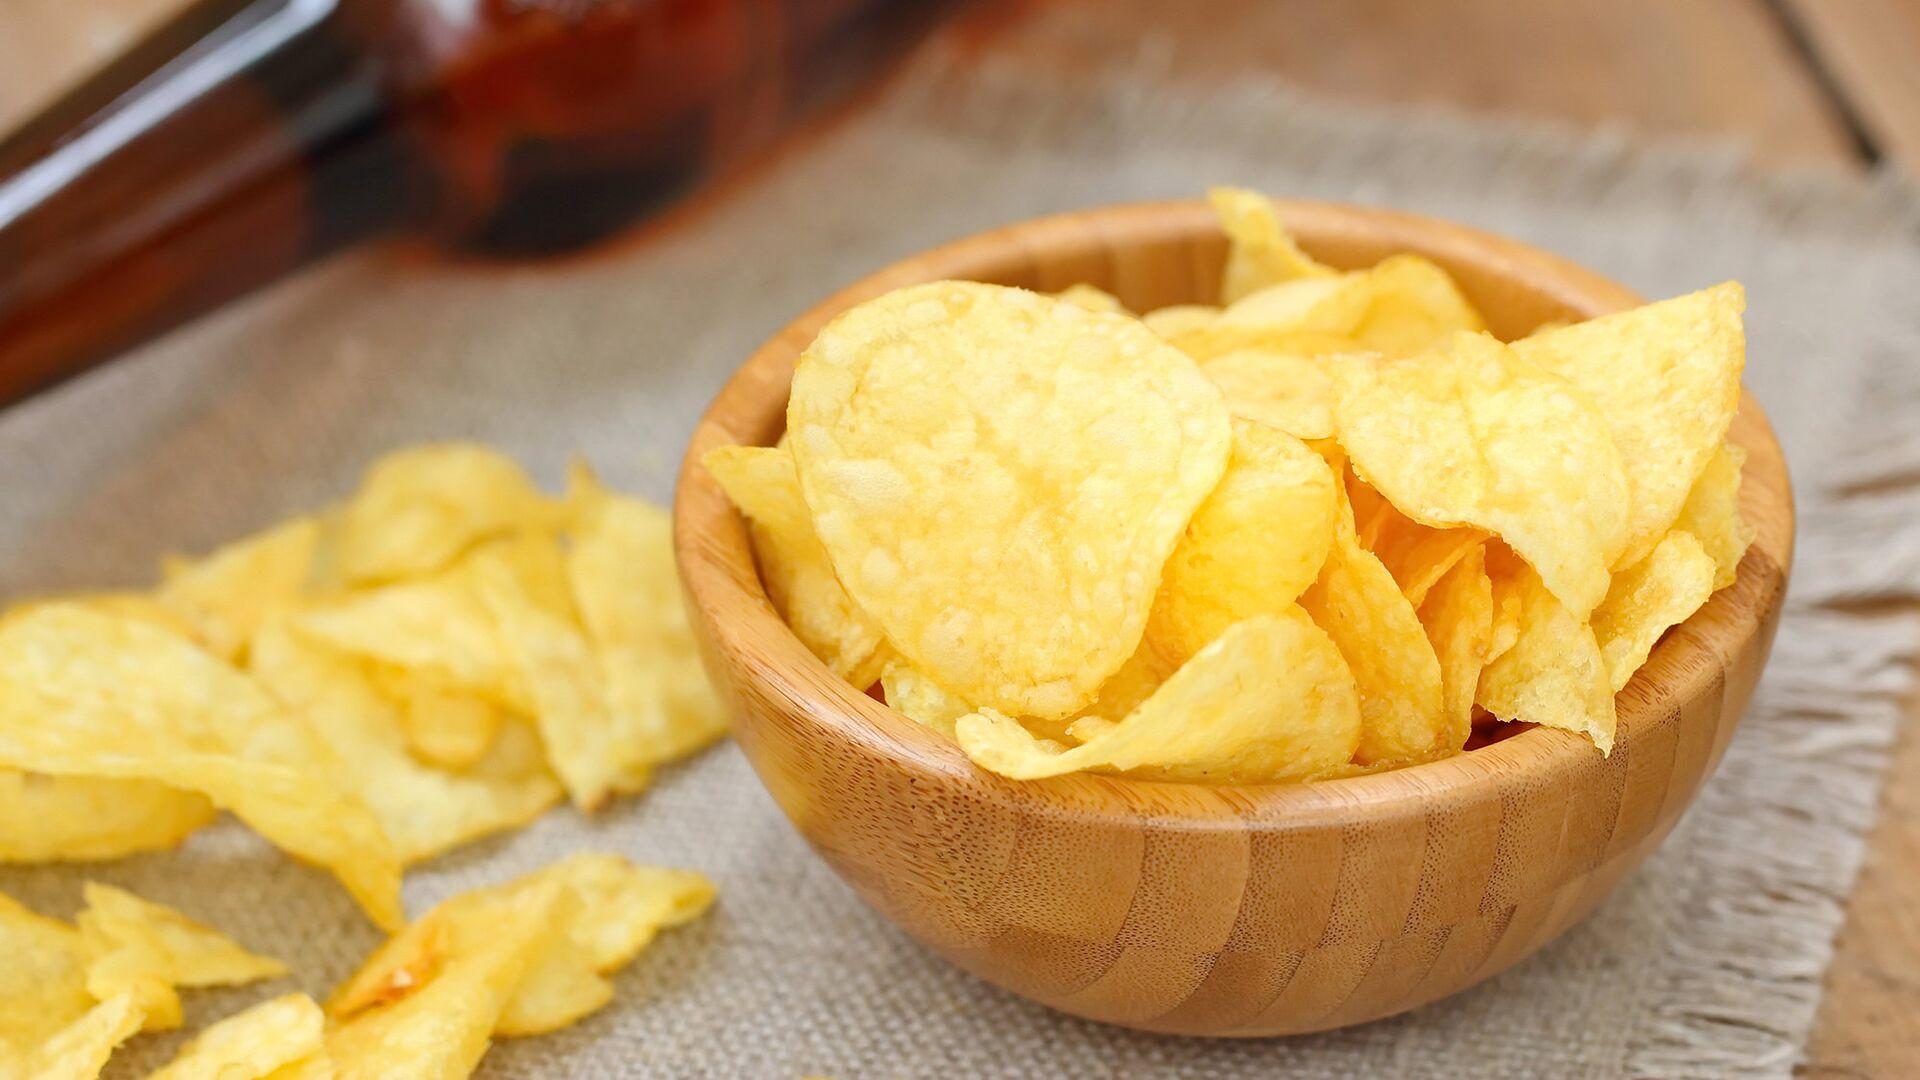 Производитель чипсов Lay's предупредил о перебоях с поставками